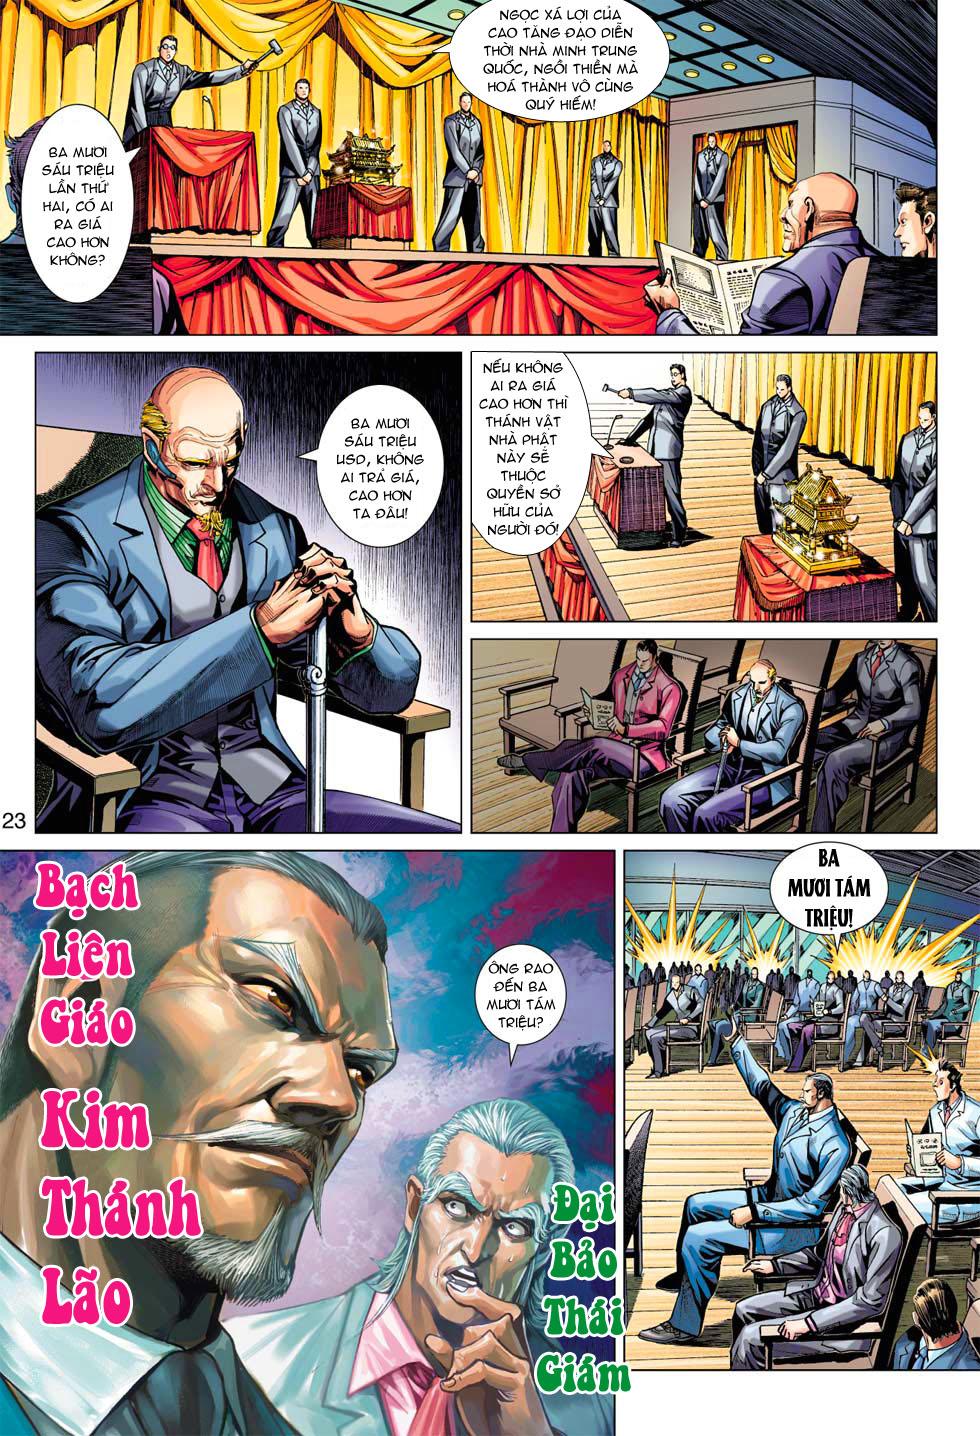 Tân Tác Long Hổ Môn chap 369 - Trang 23